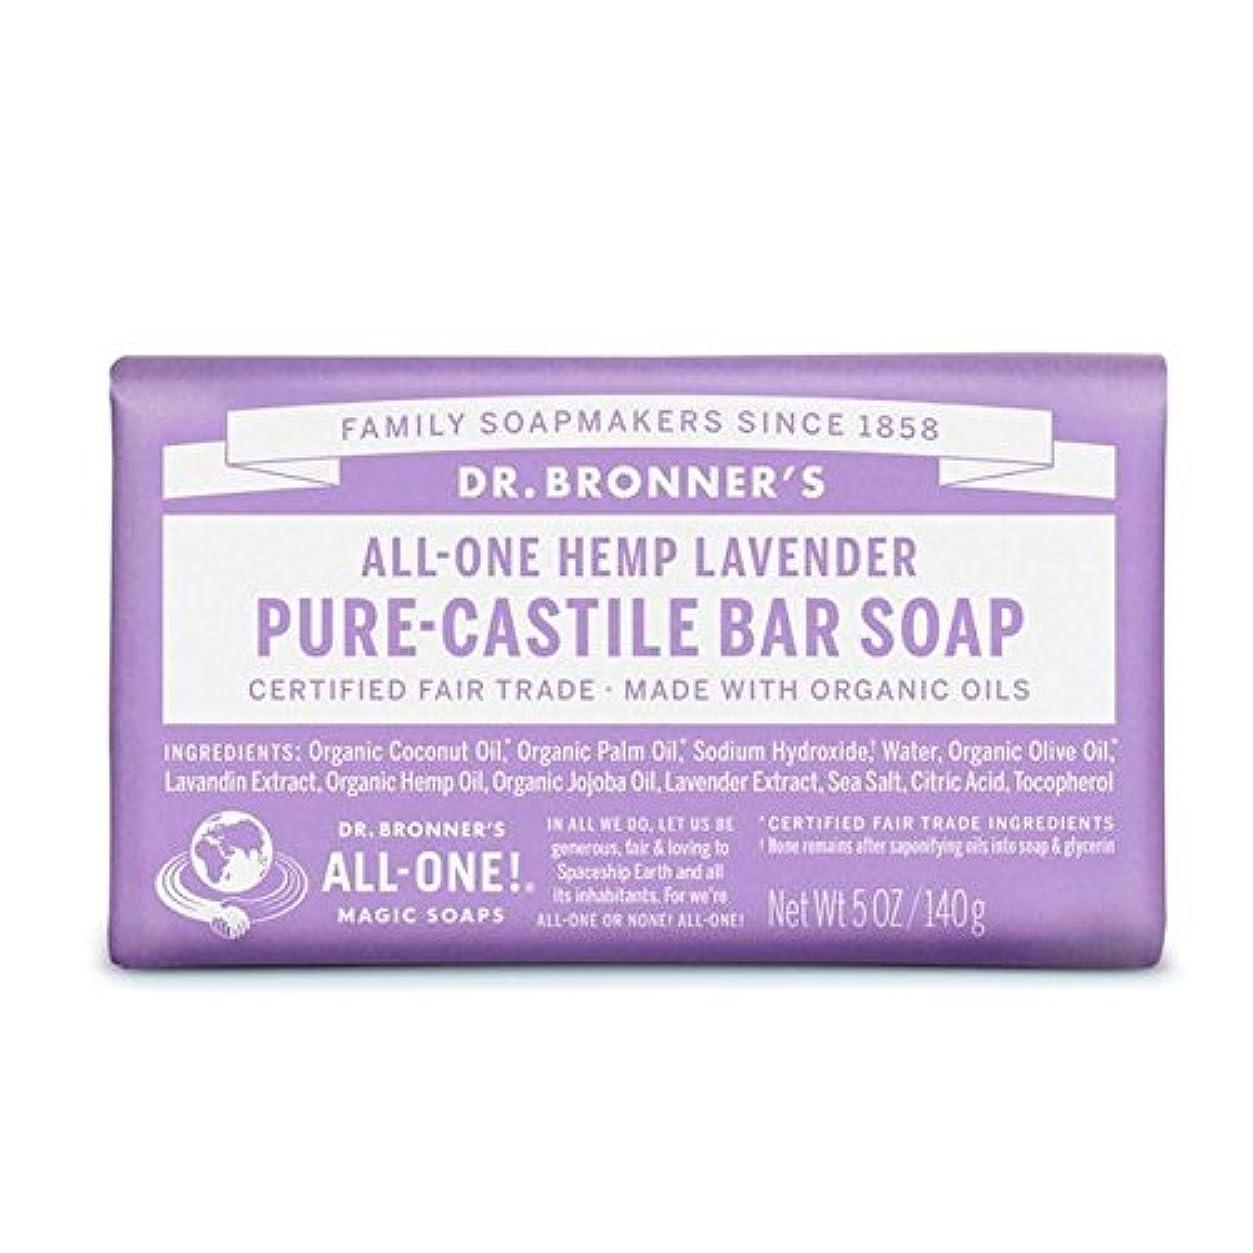 アクティブおじさん十代の若者たちブロナーラベンダーソープバー140グラム x2 - Dr Bronner Lavender Soap Bar 140g (Pack of 2) [並行輸入品]